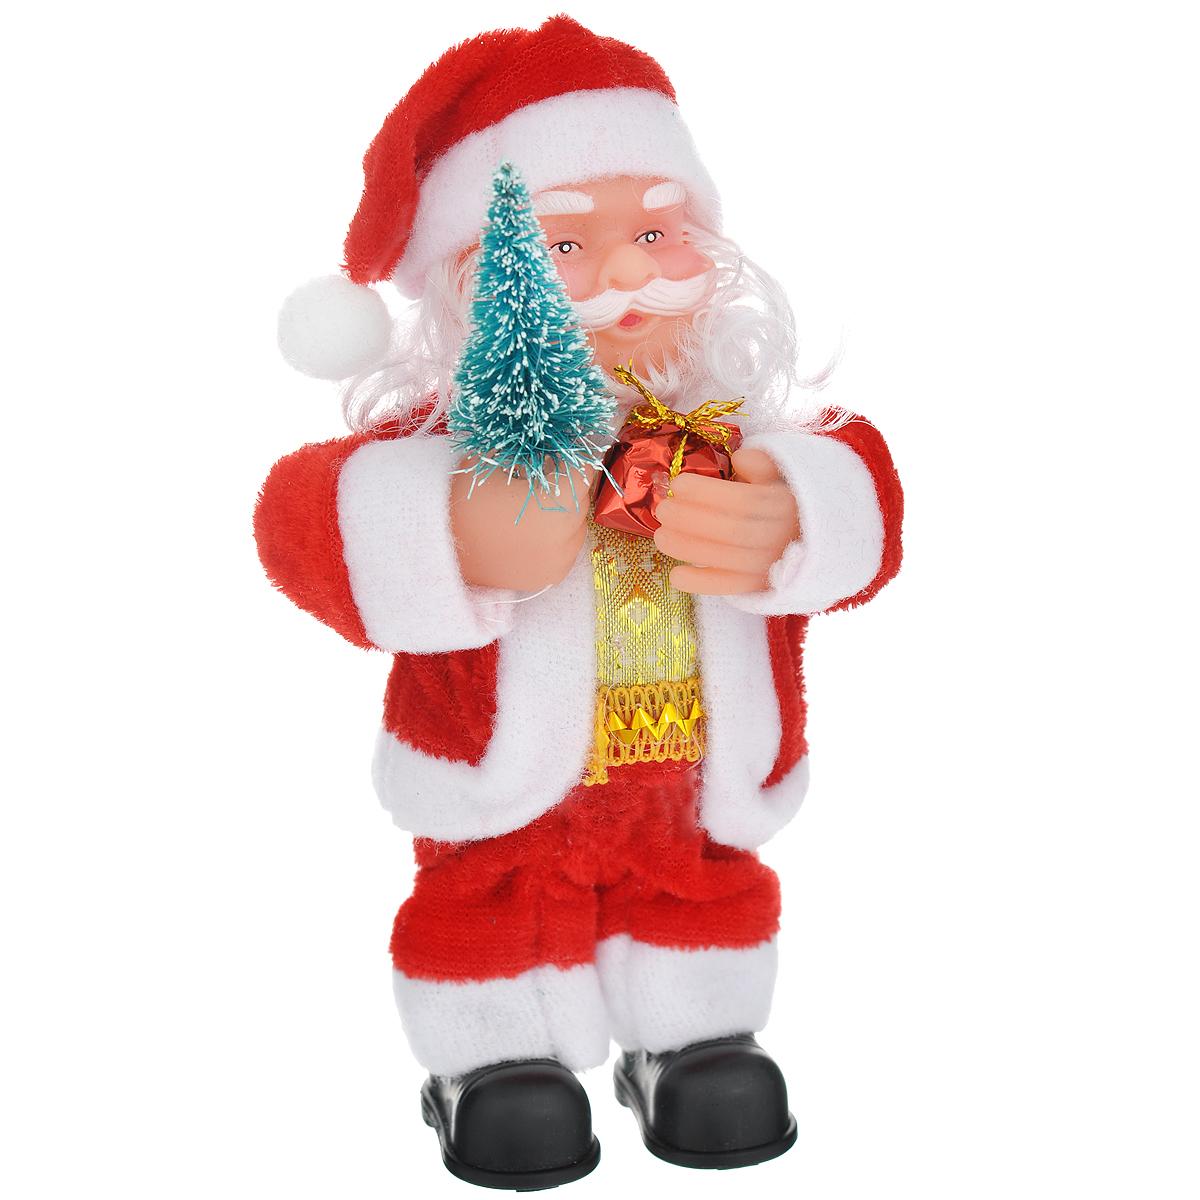 Новогодняя декоративная фигурка Sima-land Дед Мороз, высота 16 см. 703370 фигурка декоративная sima land мишка высота 18 см